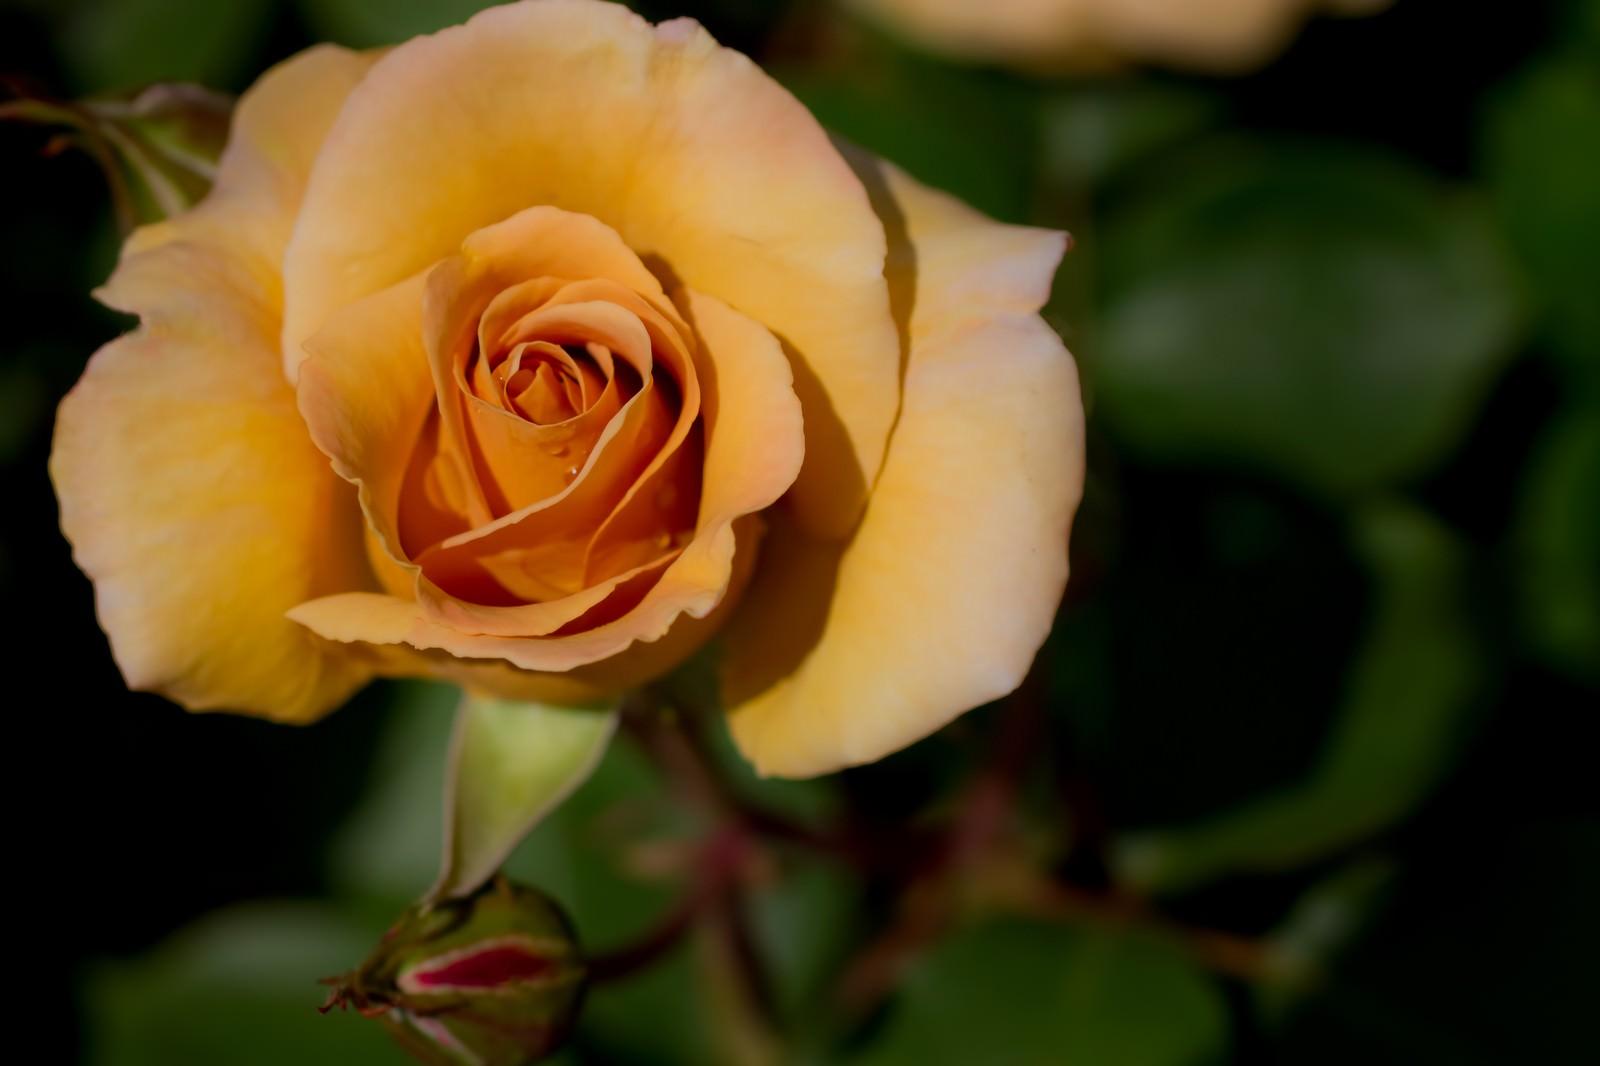 「水滴がついたシックな薔薇」の写真